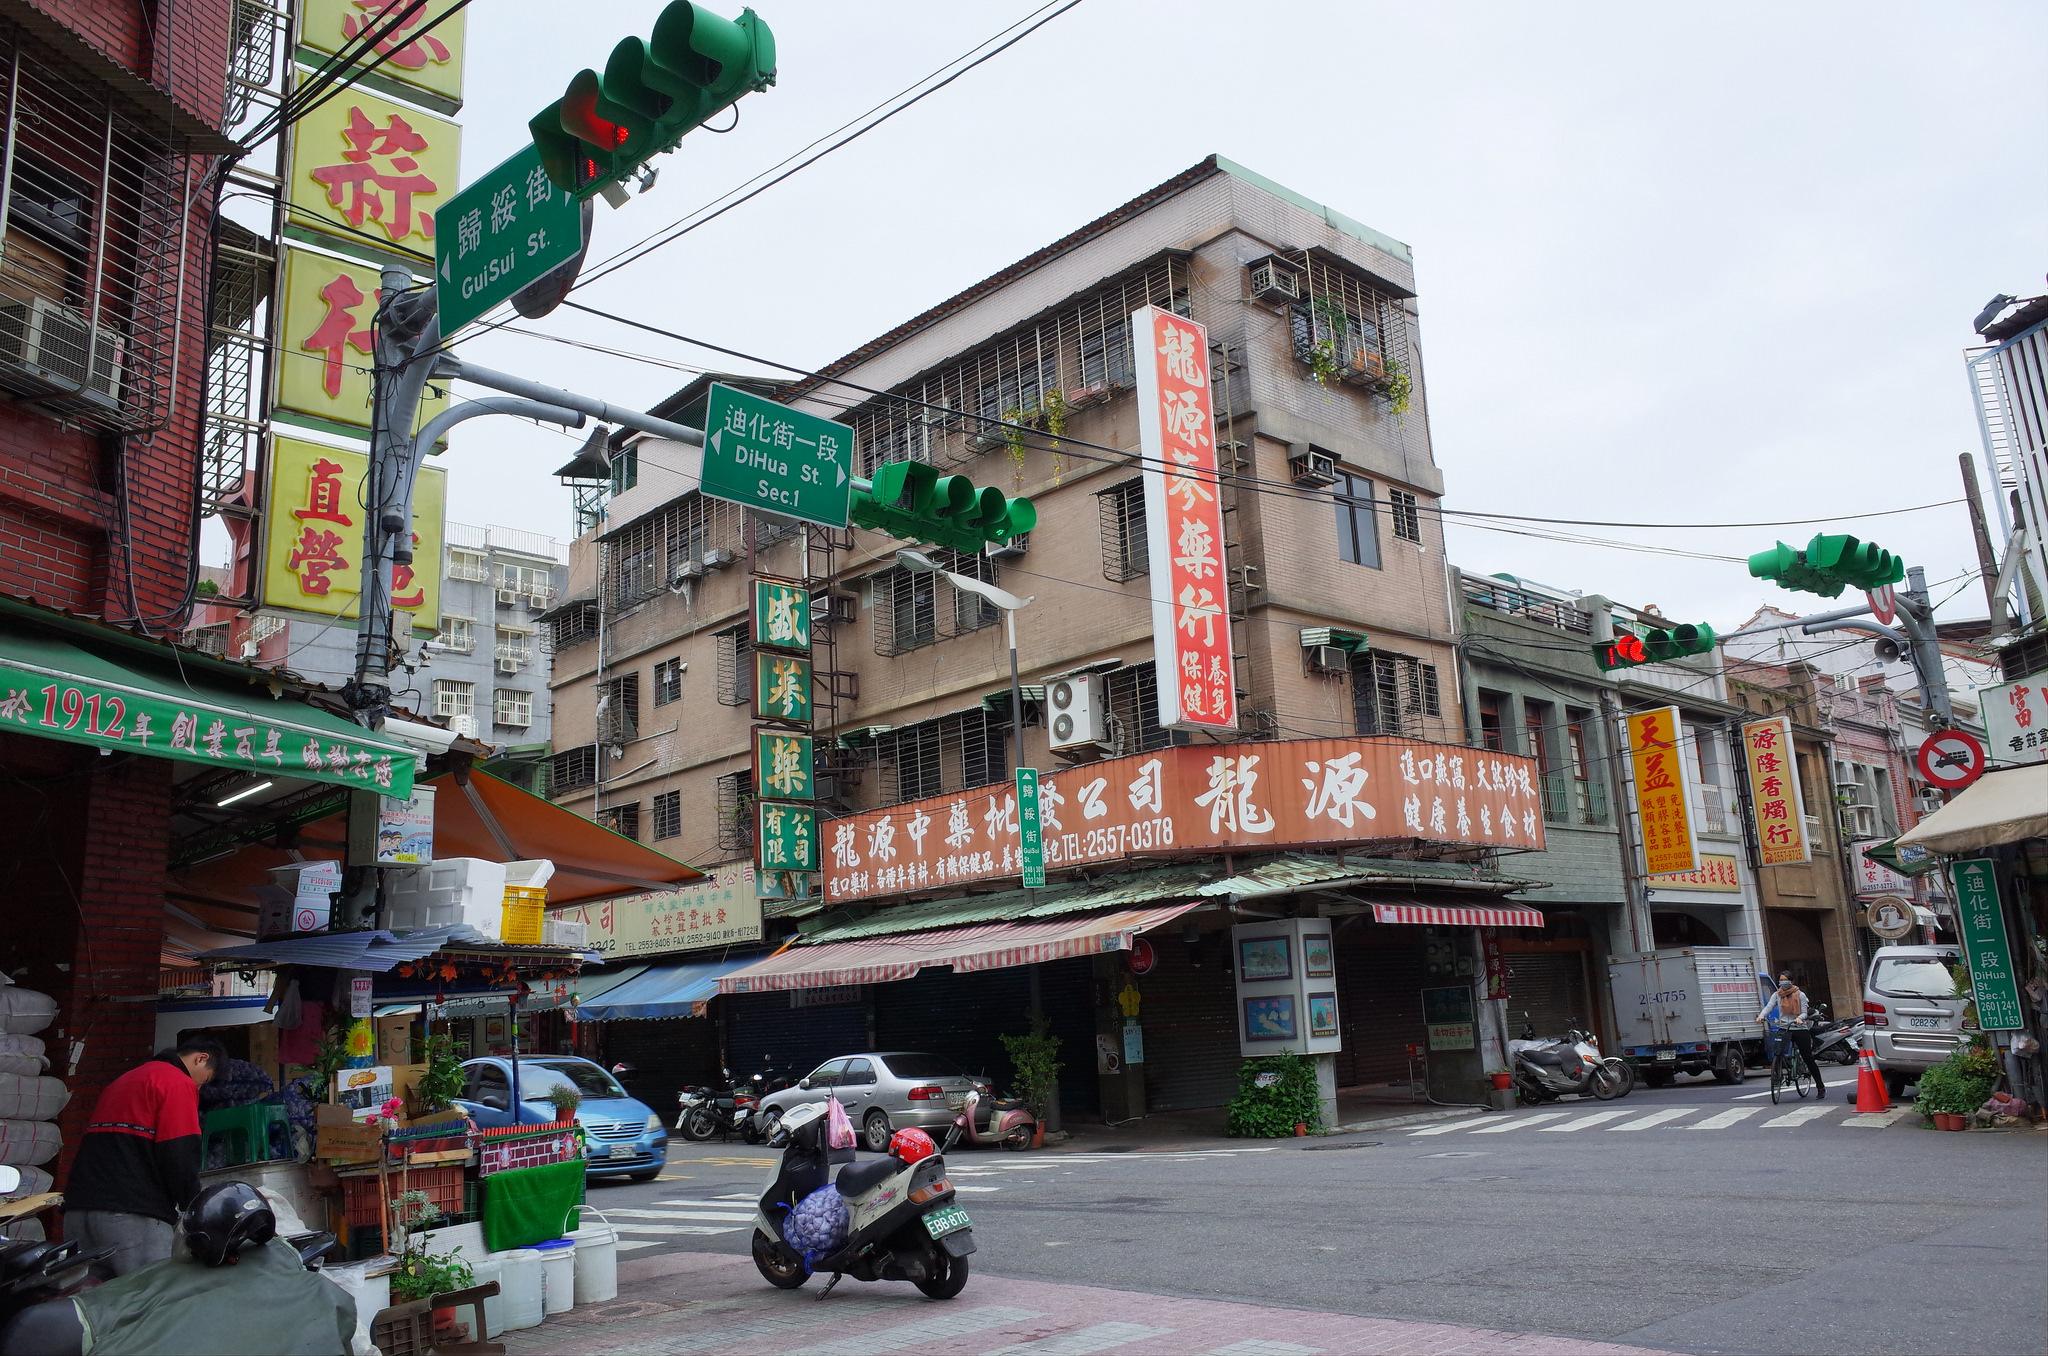 自転車の 台湾 自転車 一周 旅行 : 3a. tabinote旅行記 ジェット ...